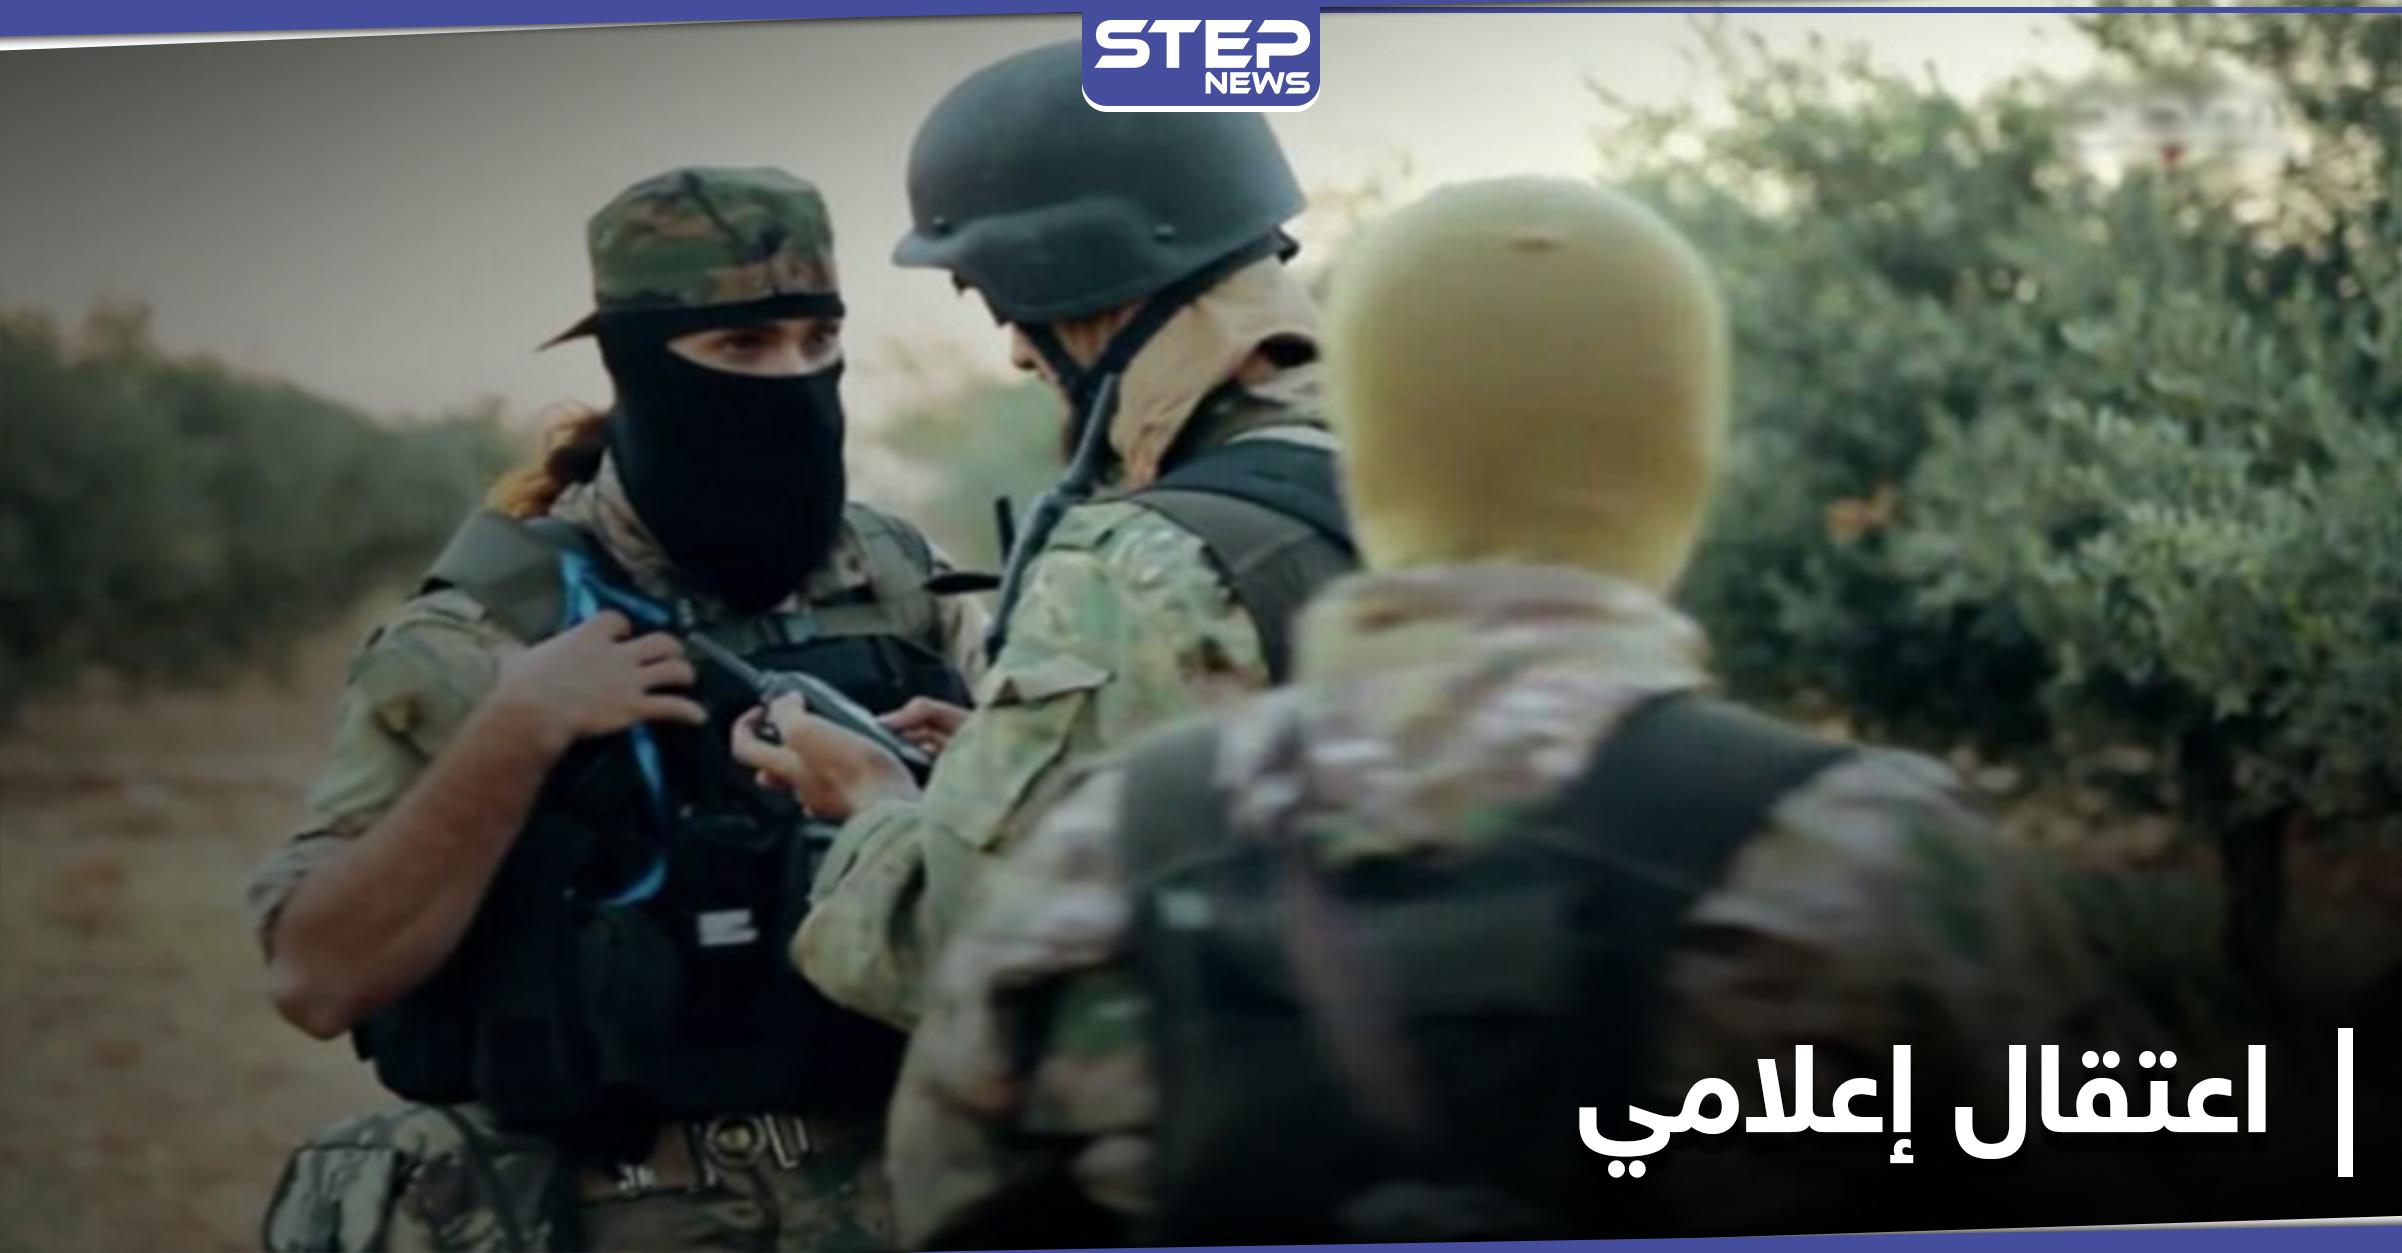 """بعد محاولة """"تبييض صورتها"""".. هيئة تحرير الشام تقتاد إعلامي جديد إلى جهة مجهولة"""